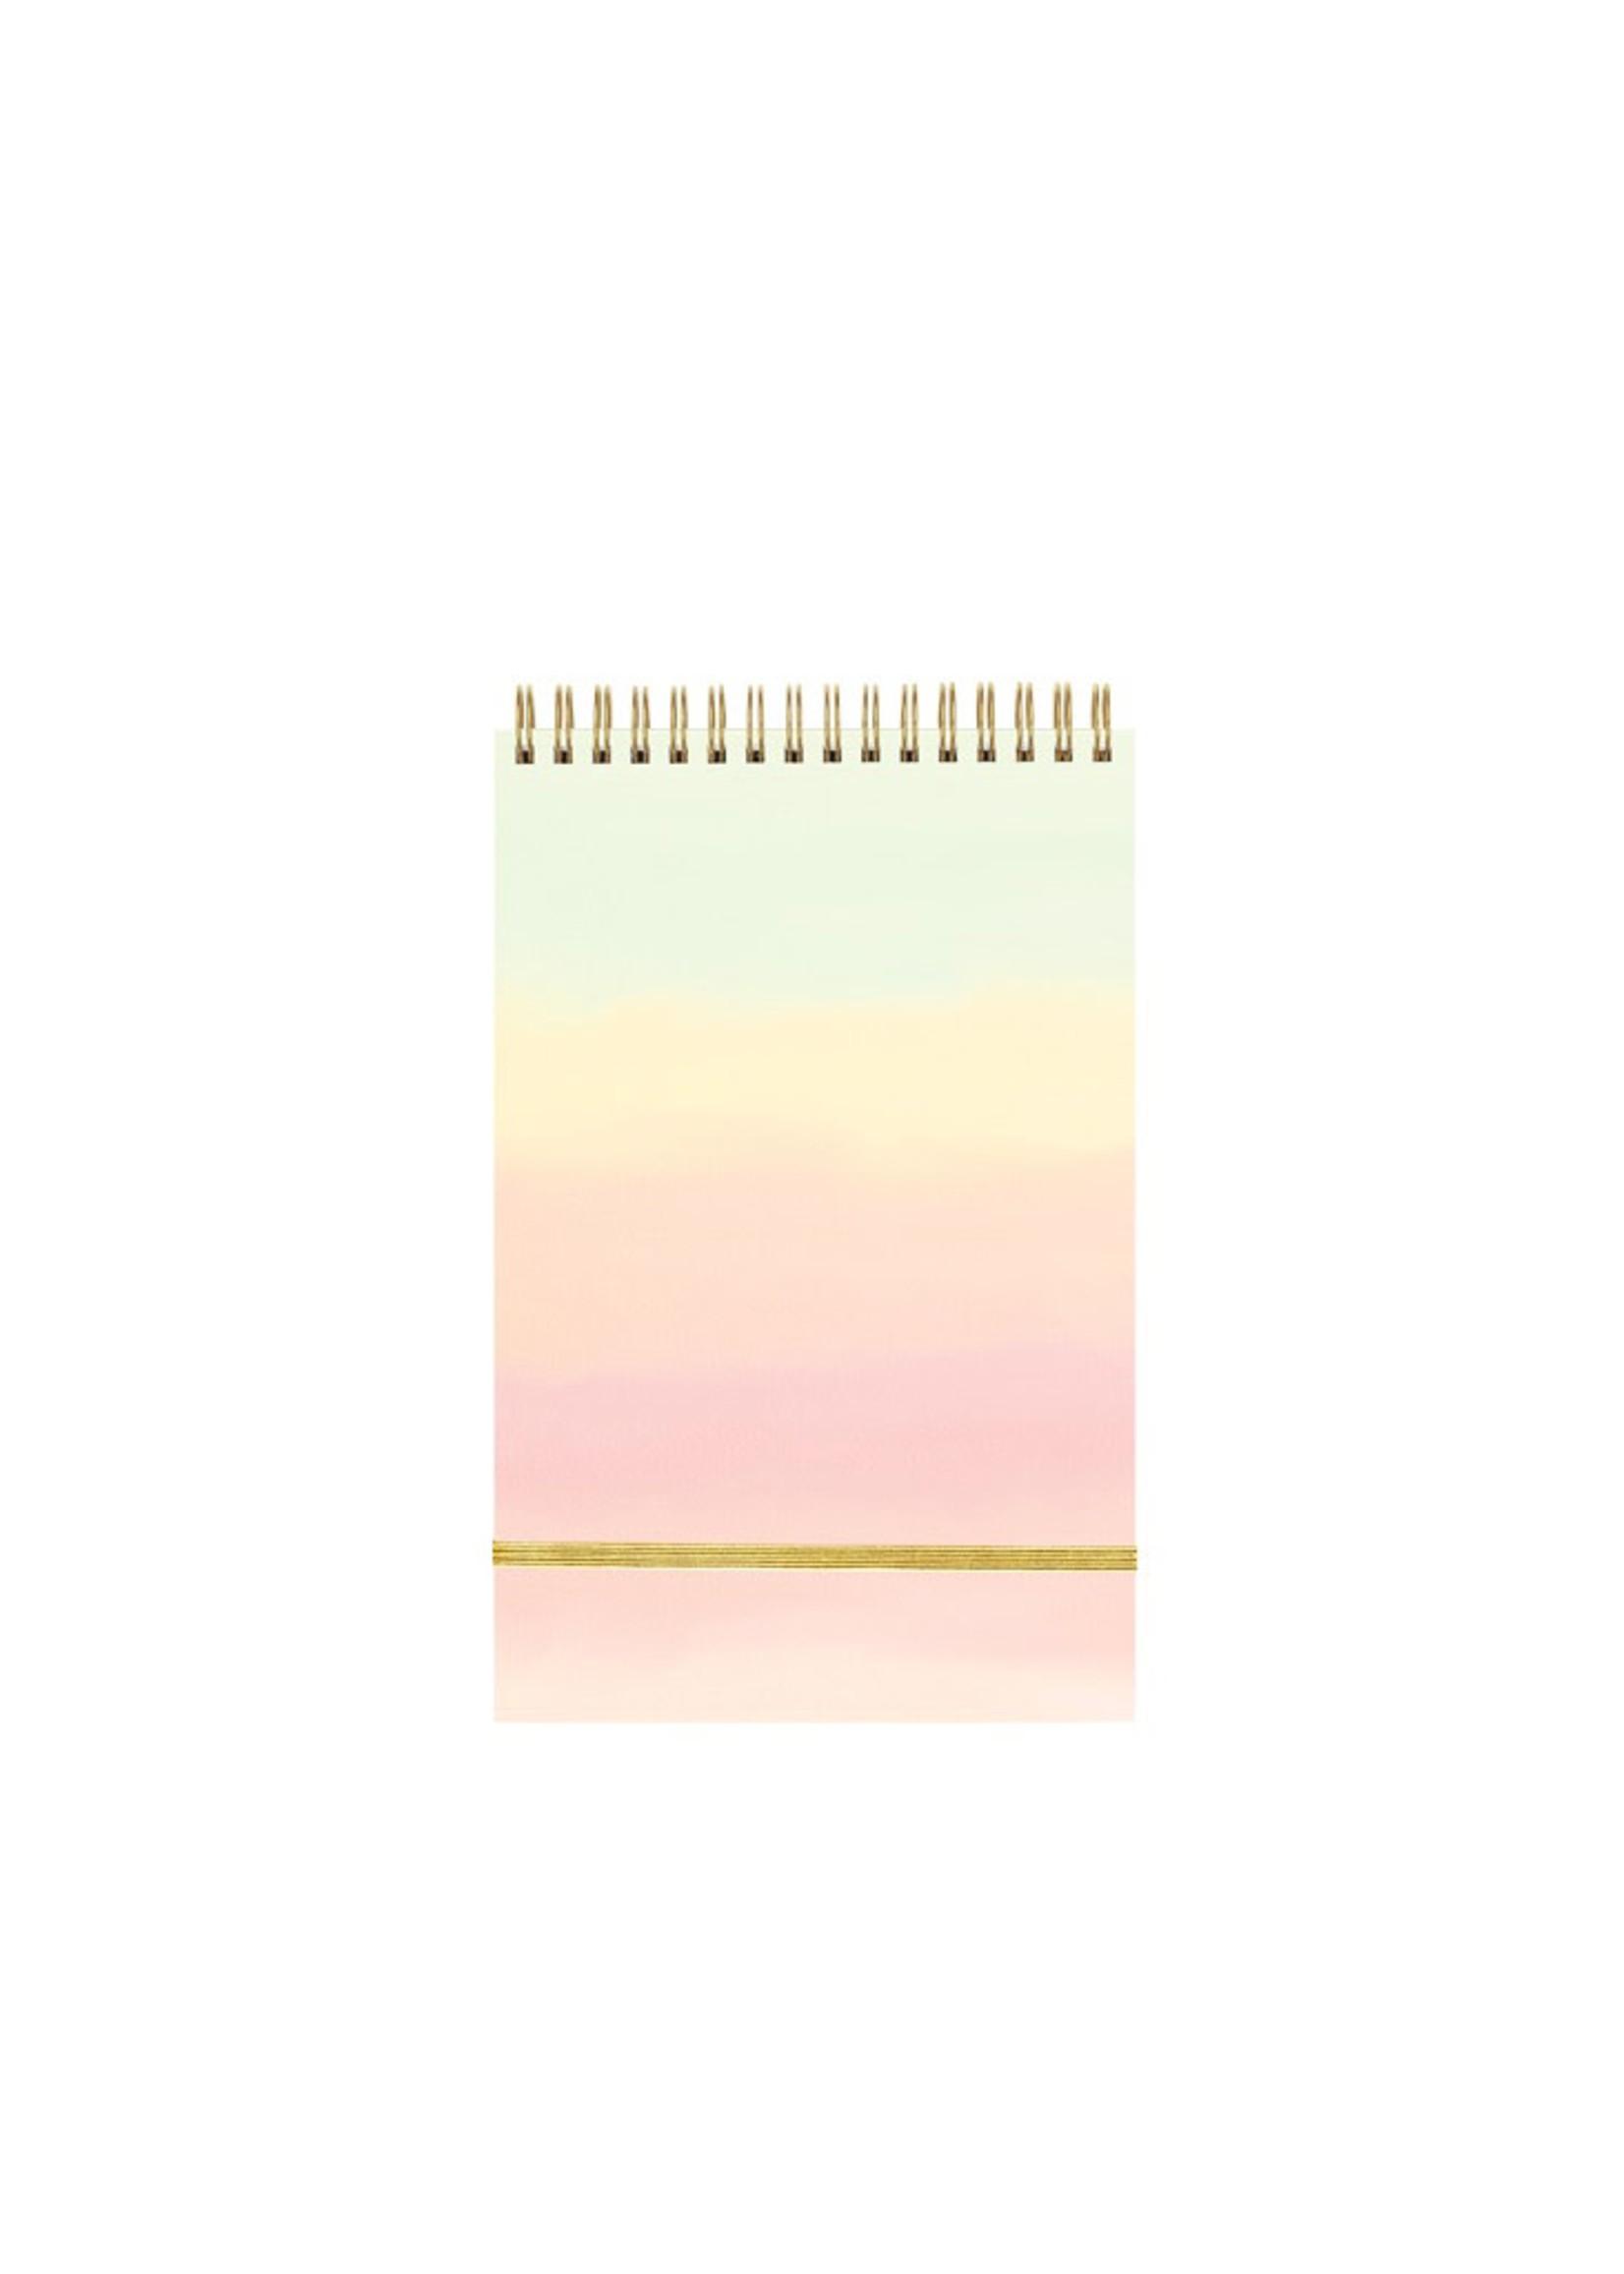 Daybreak Taskpad